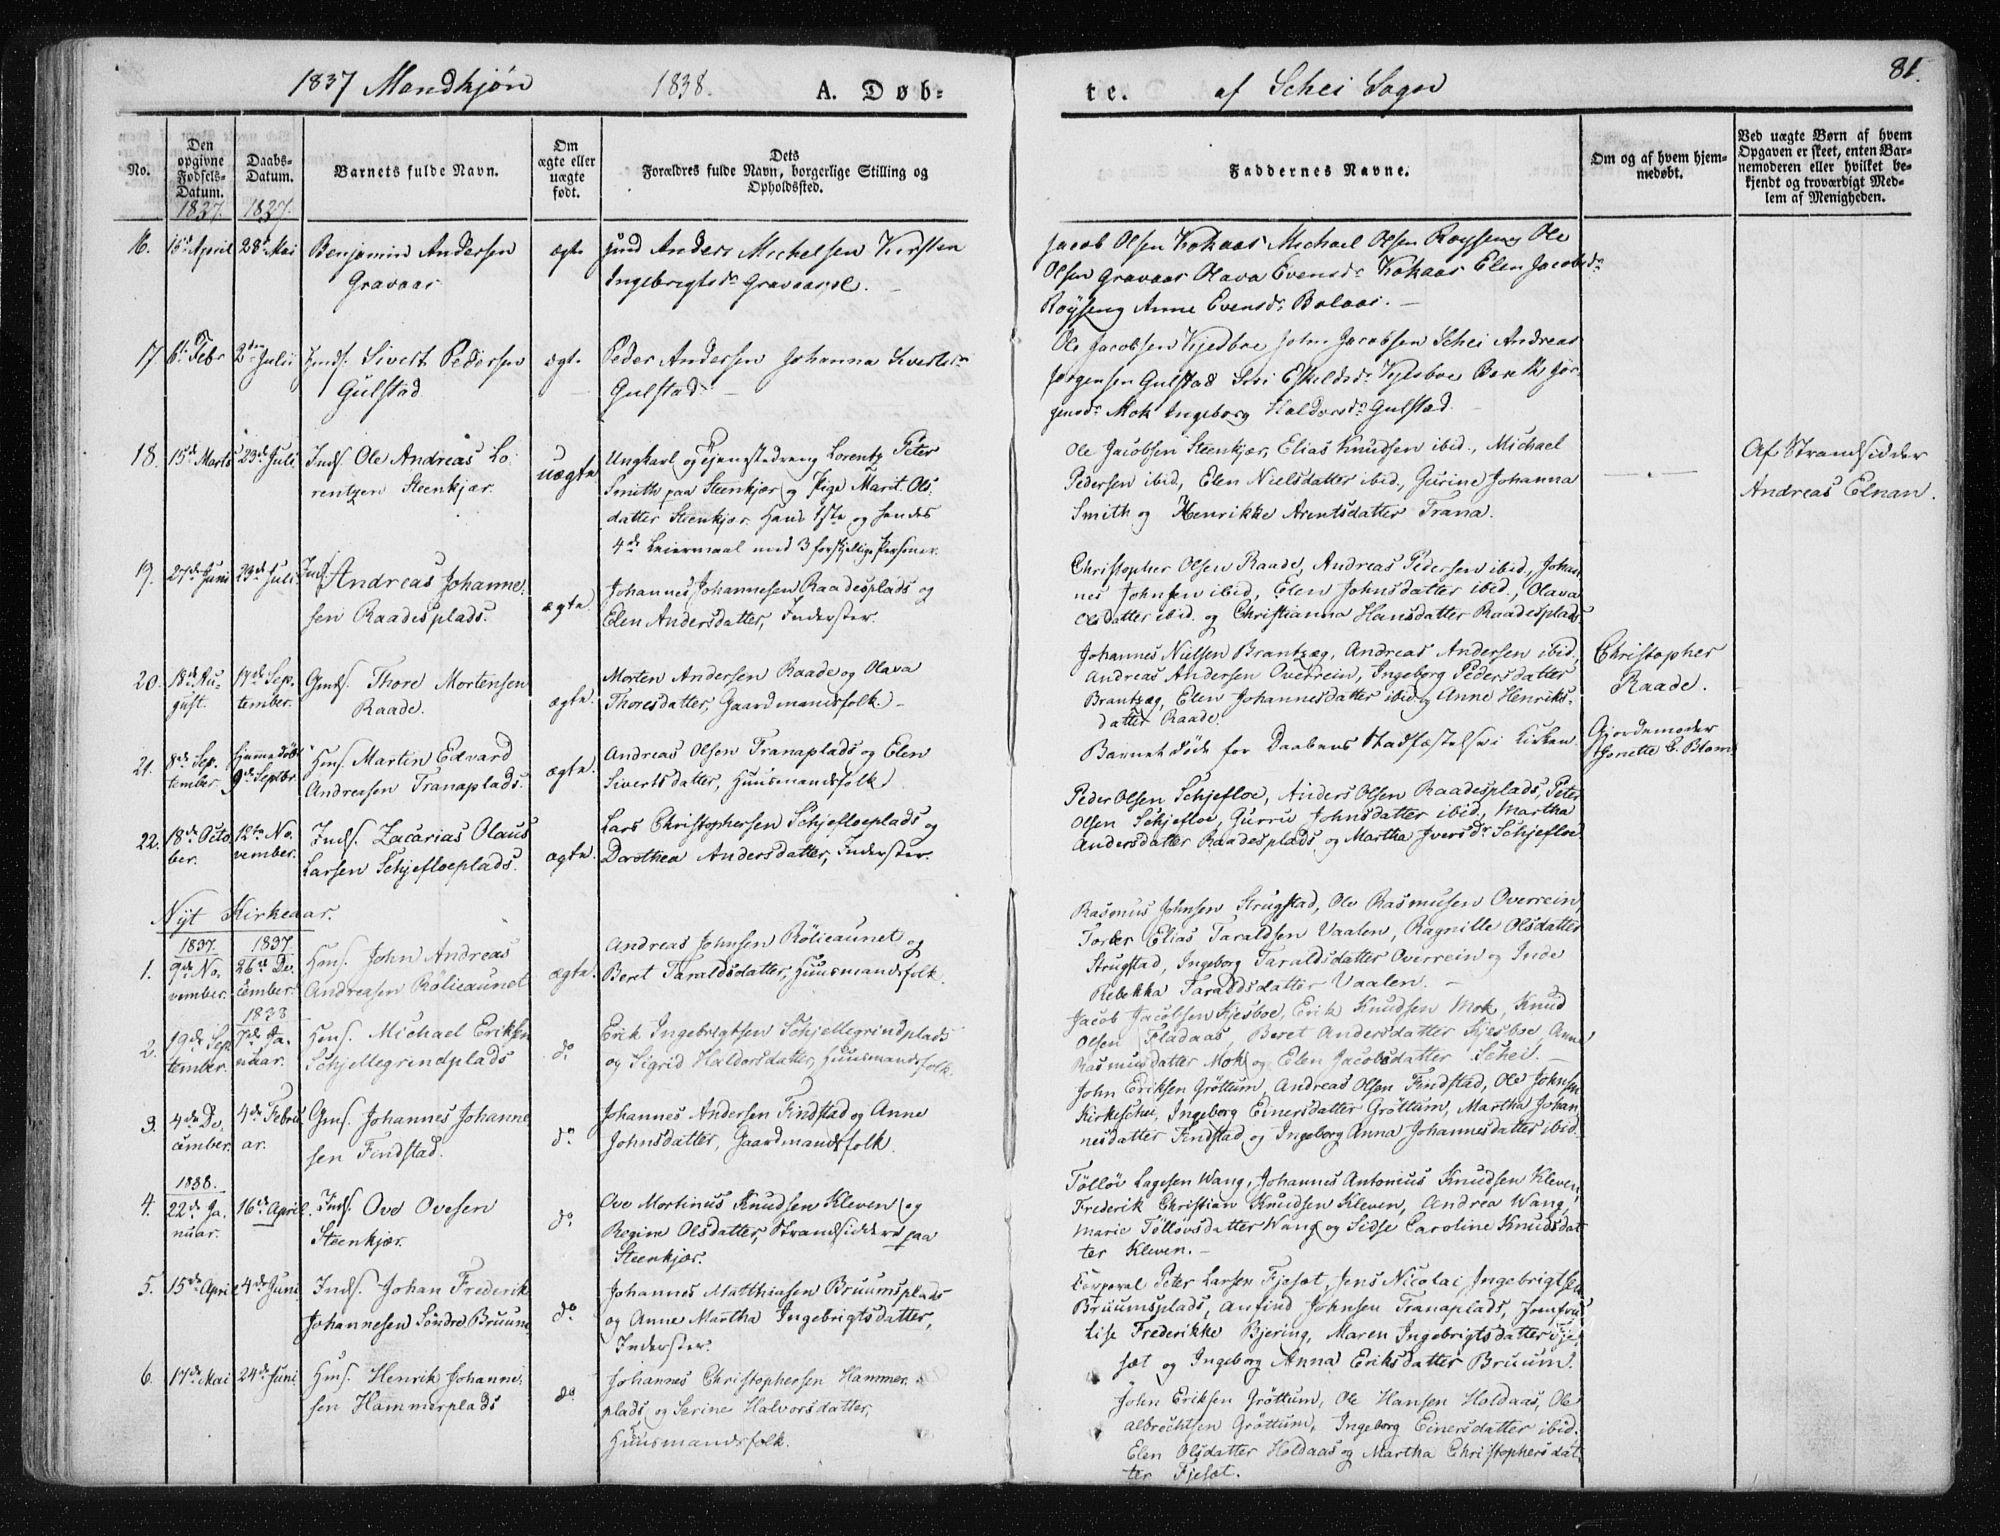 SAT, Ministerialprotokoller, klokkerbøker og fødselsregistre - Nord-Trøndelag, 735/L0339: Ministerialbok nr. 735A06 /2, 1836-1848, s. 81